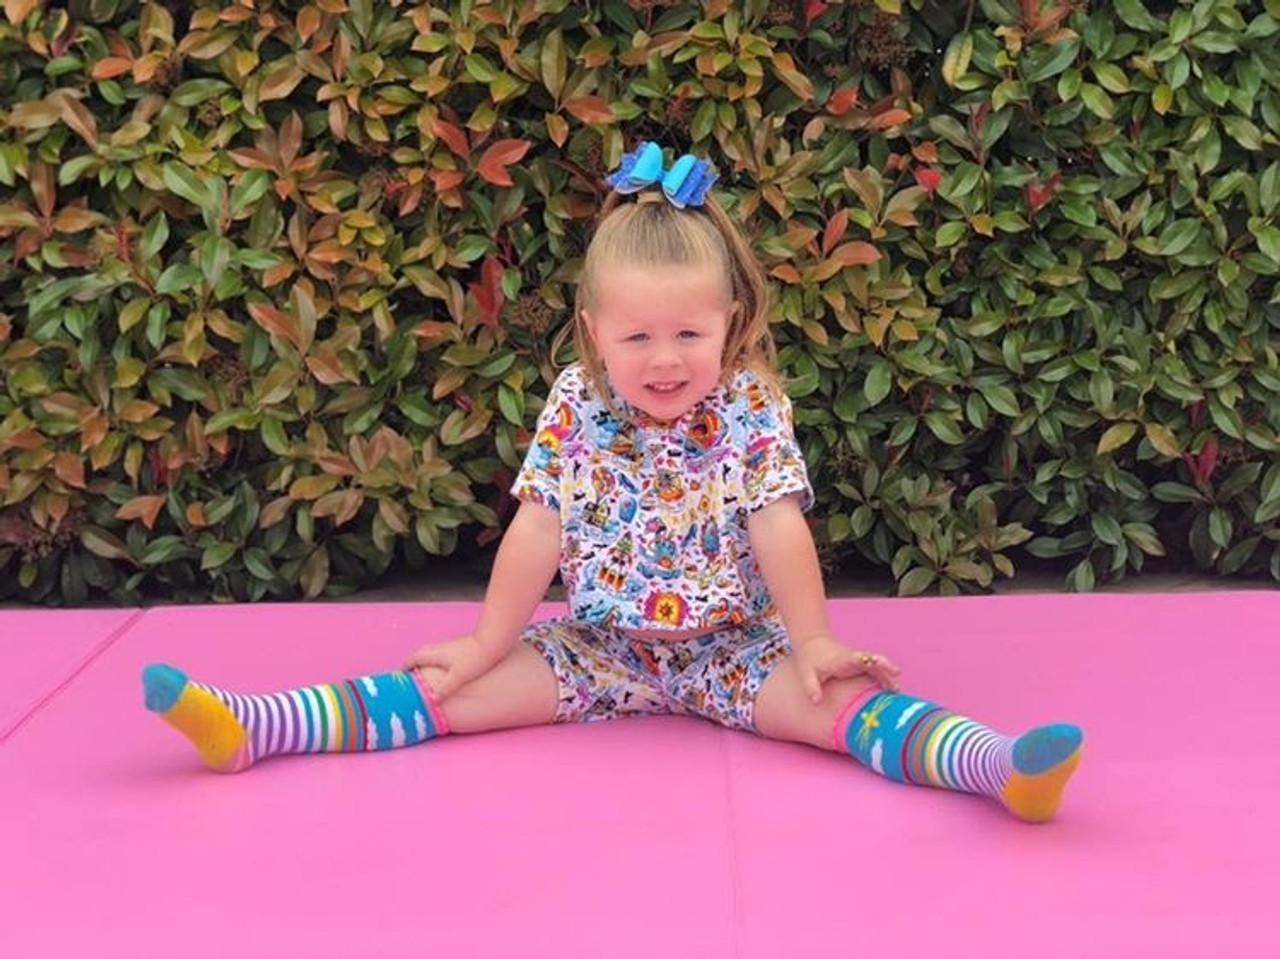 Rainbow Kids Knee High Socks!